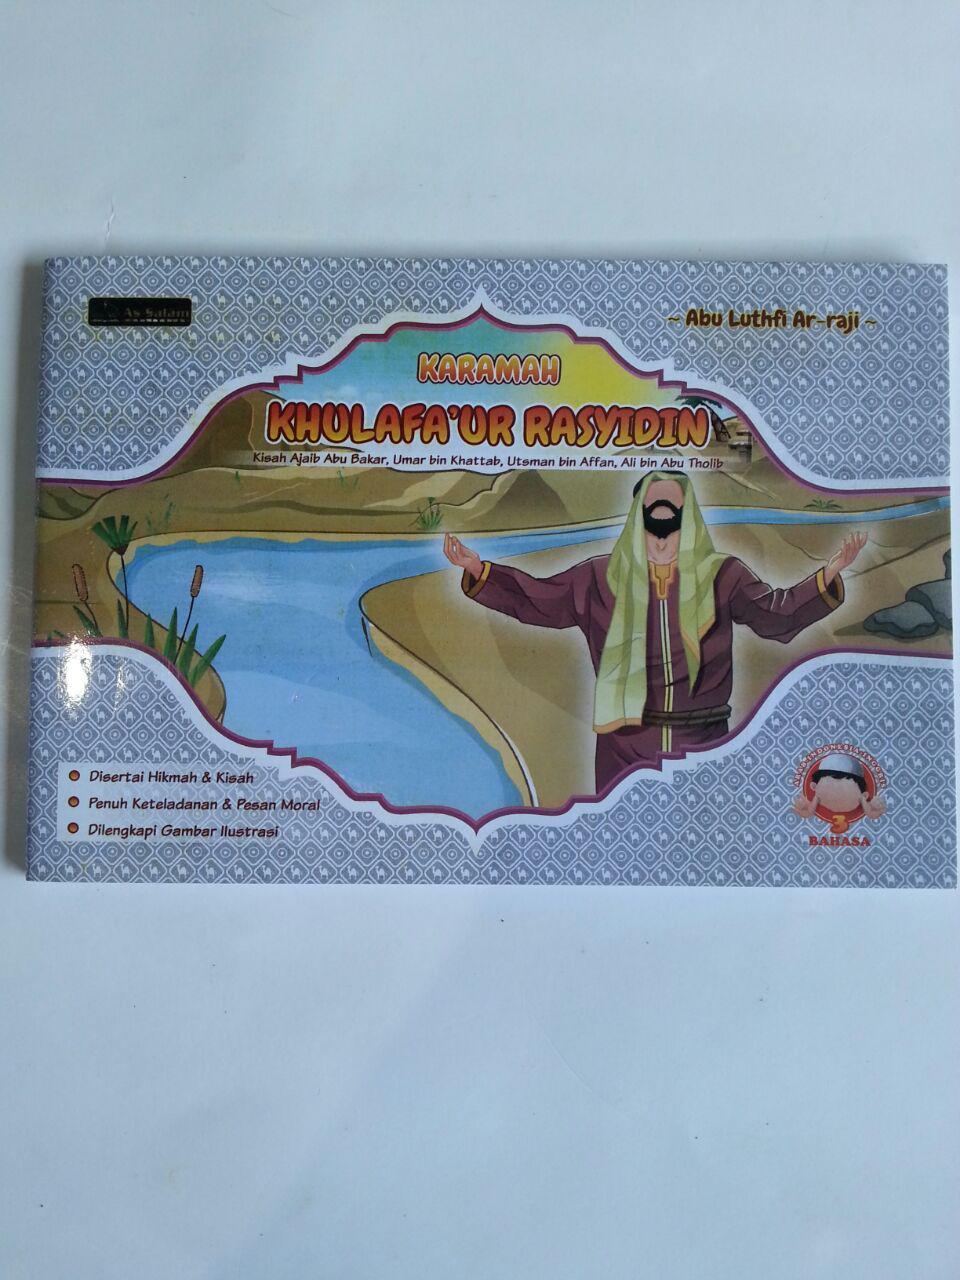 Buku Anak Karamah Khulafa'ur Rasyidin Kisah-Kisah Ajaib cover 2